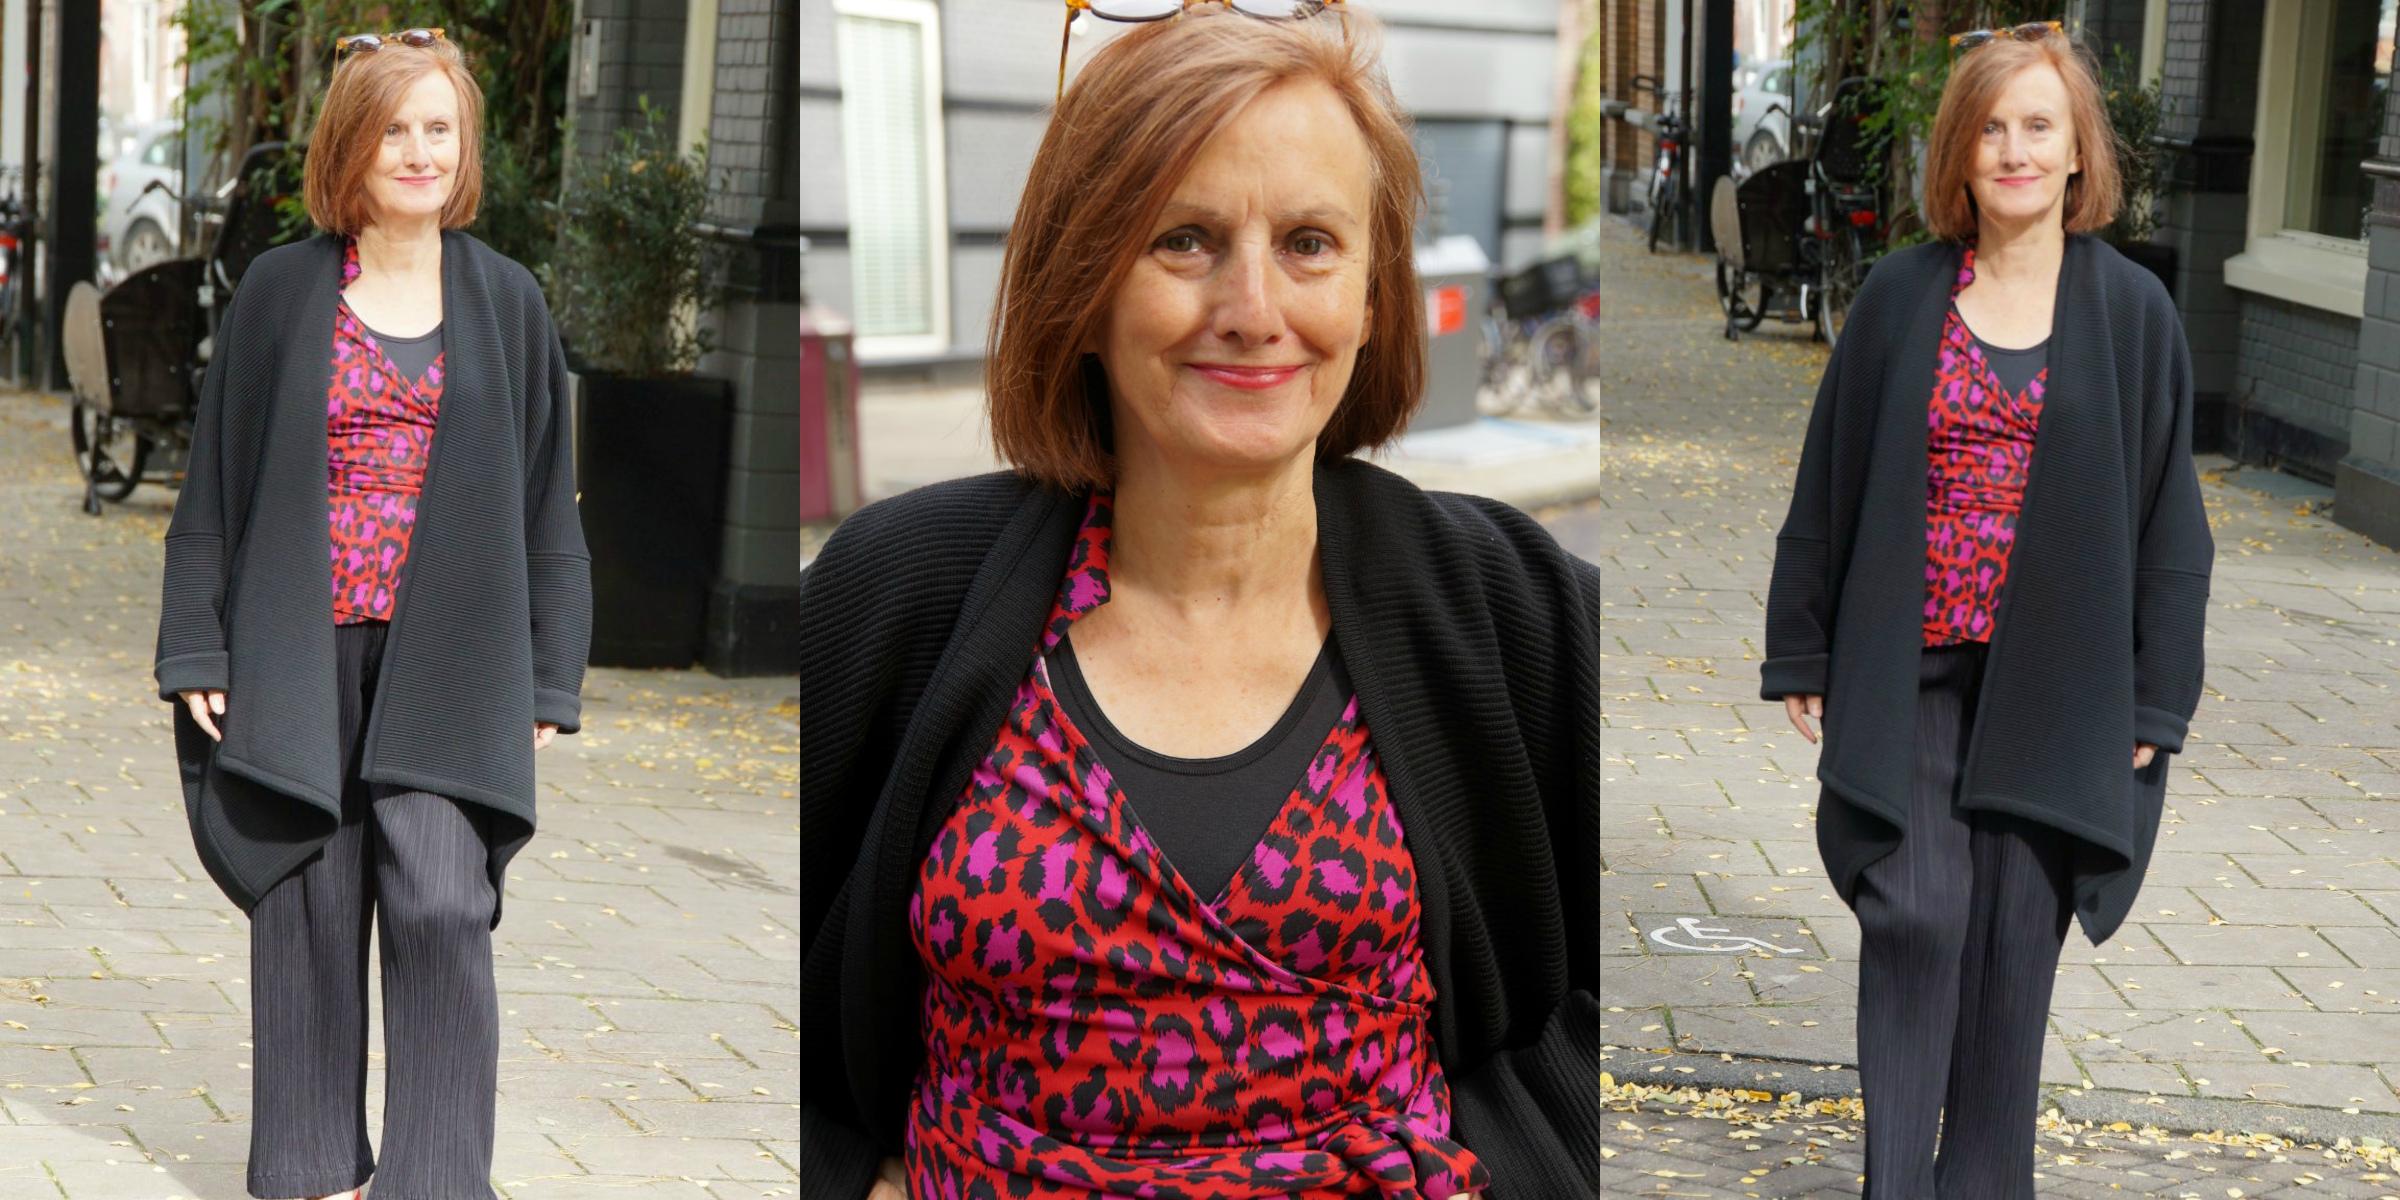 Ü60 Bloggerin Ursel vom Iknmlo Fashionblog über Kleidung von Frauen über 60